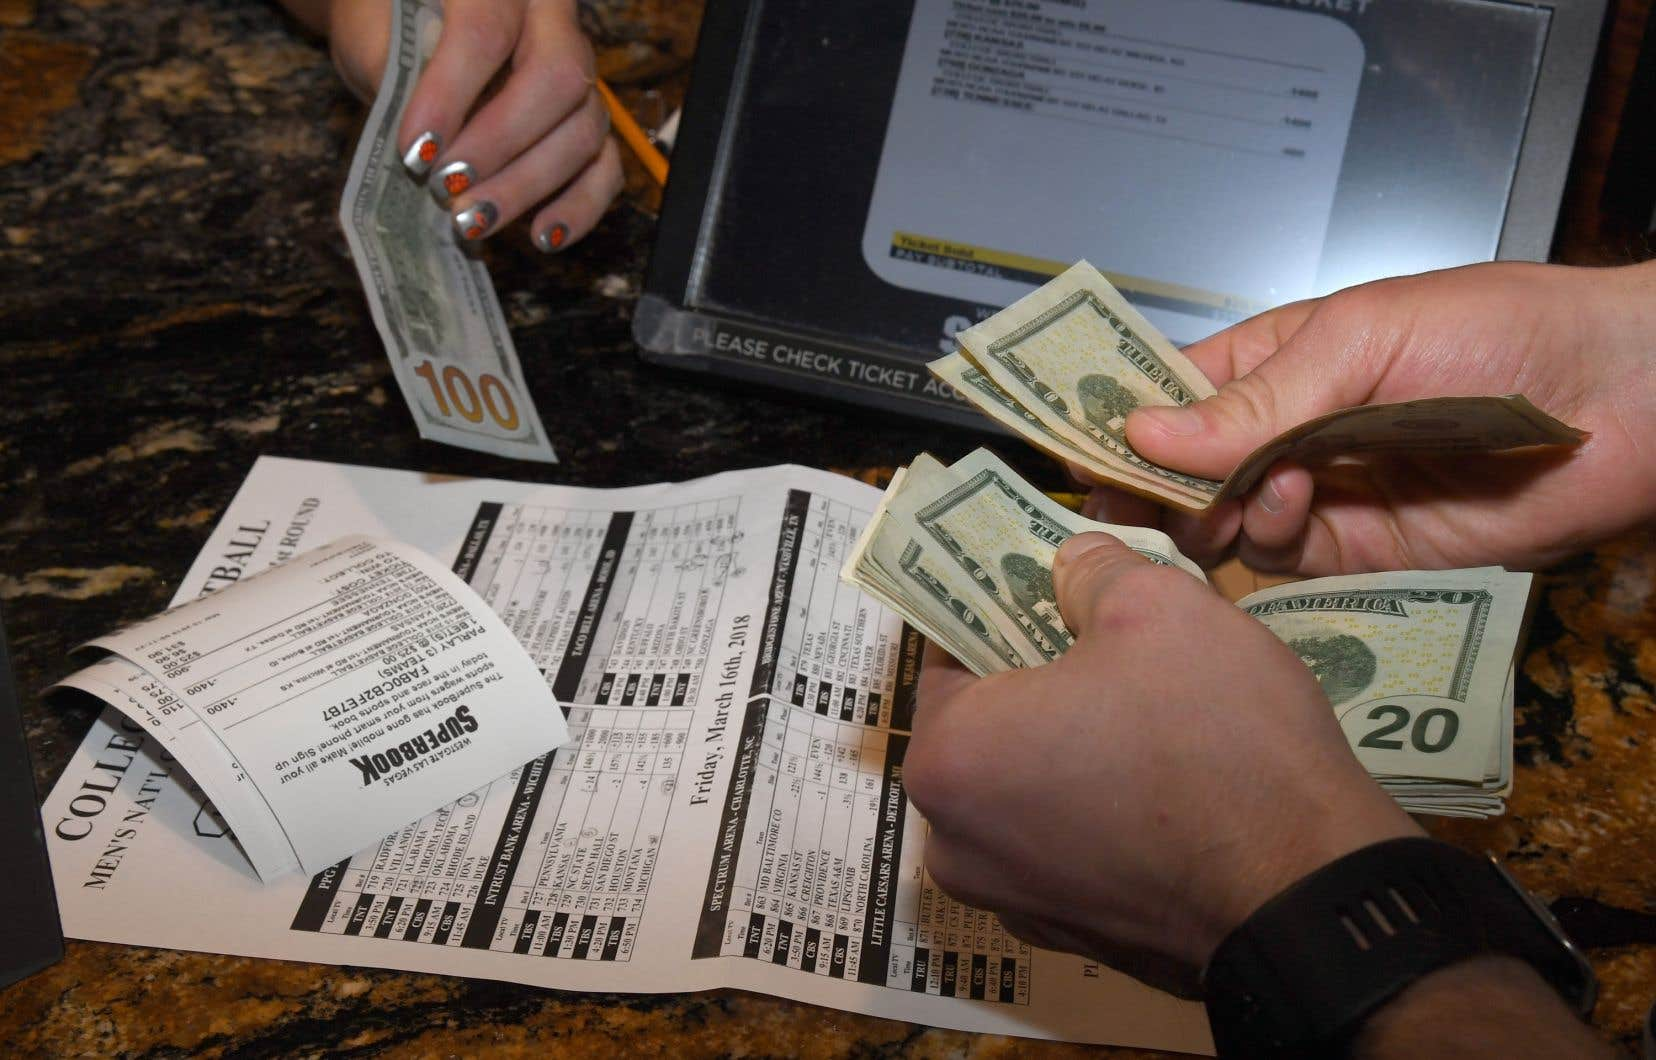 Le marché des paris sportifs est estimé à des dizaines de milliards de dollars aux États-Unis.